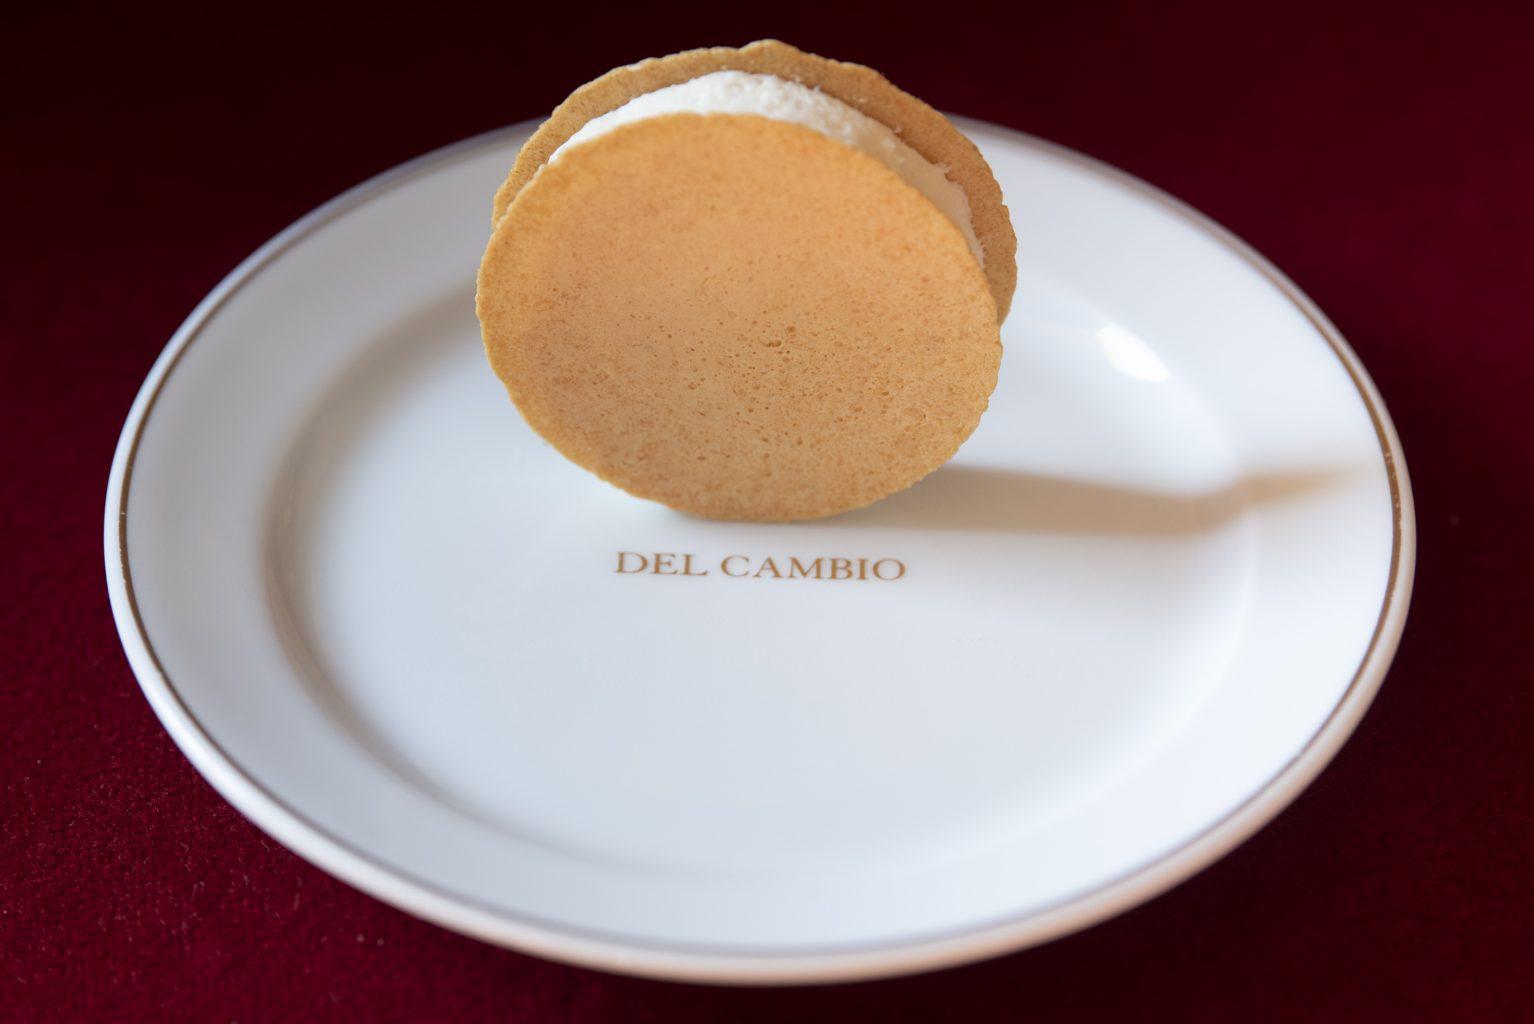 Del Cambio Risorgimento gastronomico